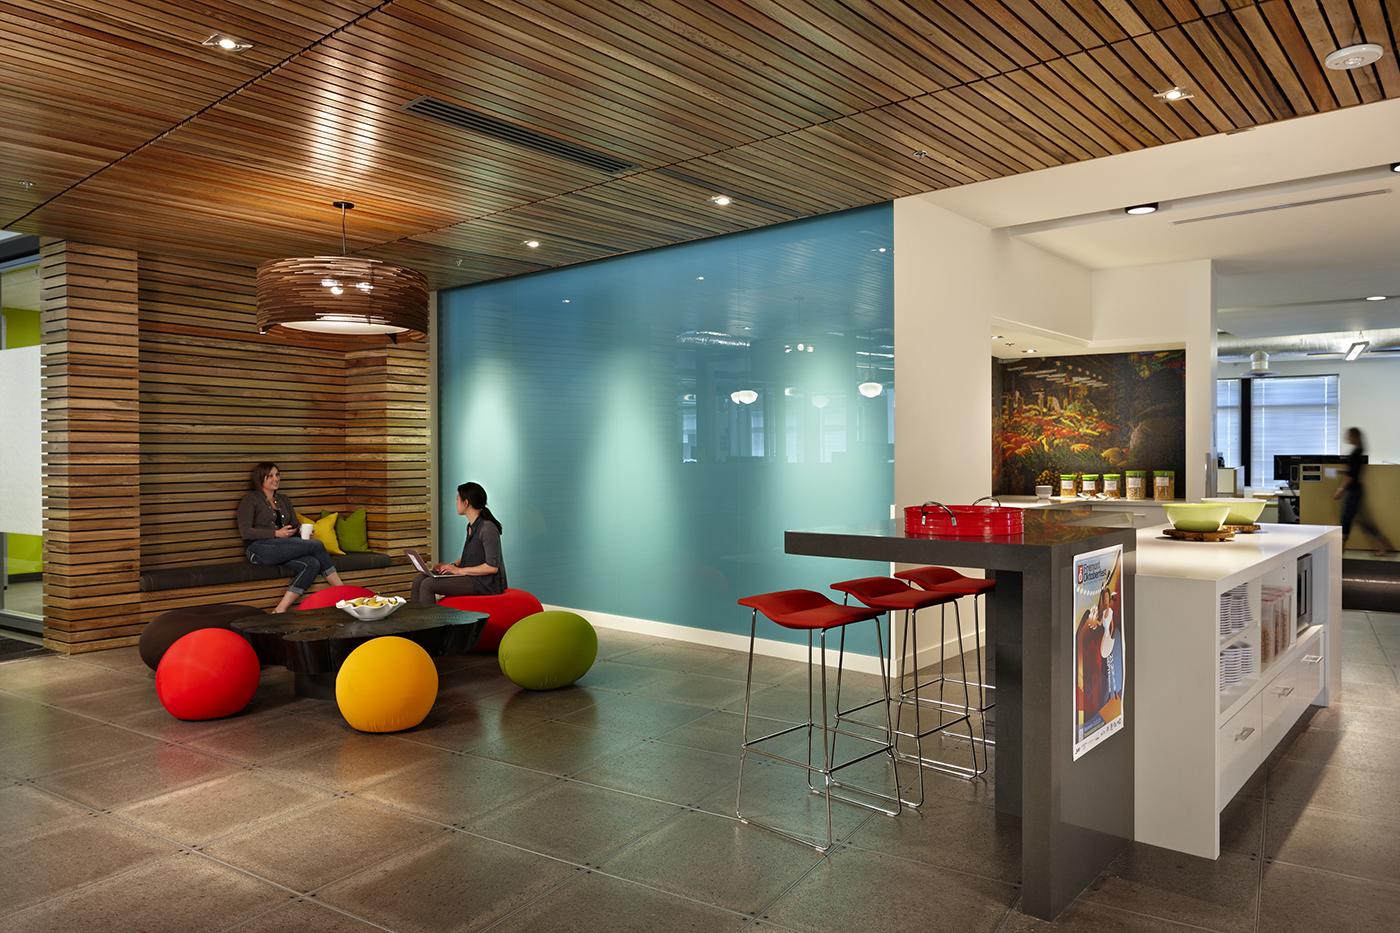 Stupendous Hi Tech Office Design Office Design Tech Creative Ideas Sbsc Largest Home Design Picture Inspirations Pitcheantrous